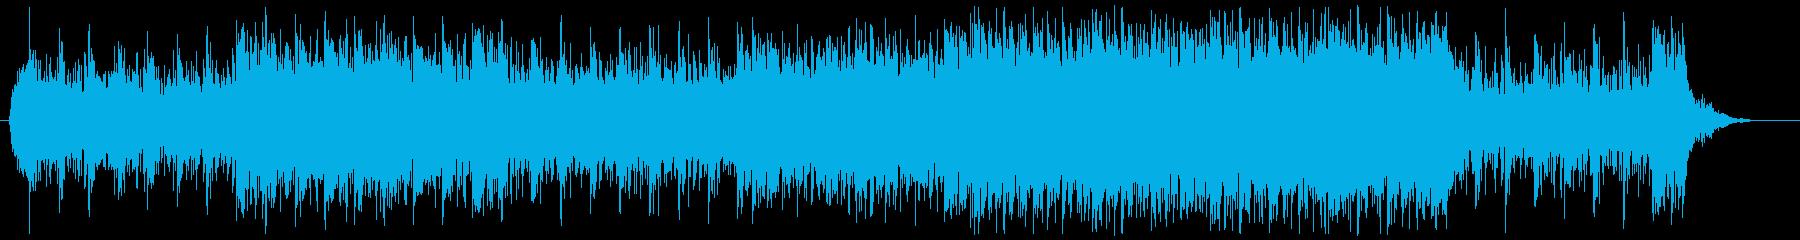 EDM系のミステリアスな楽曲の再生済みの波形